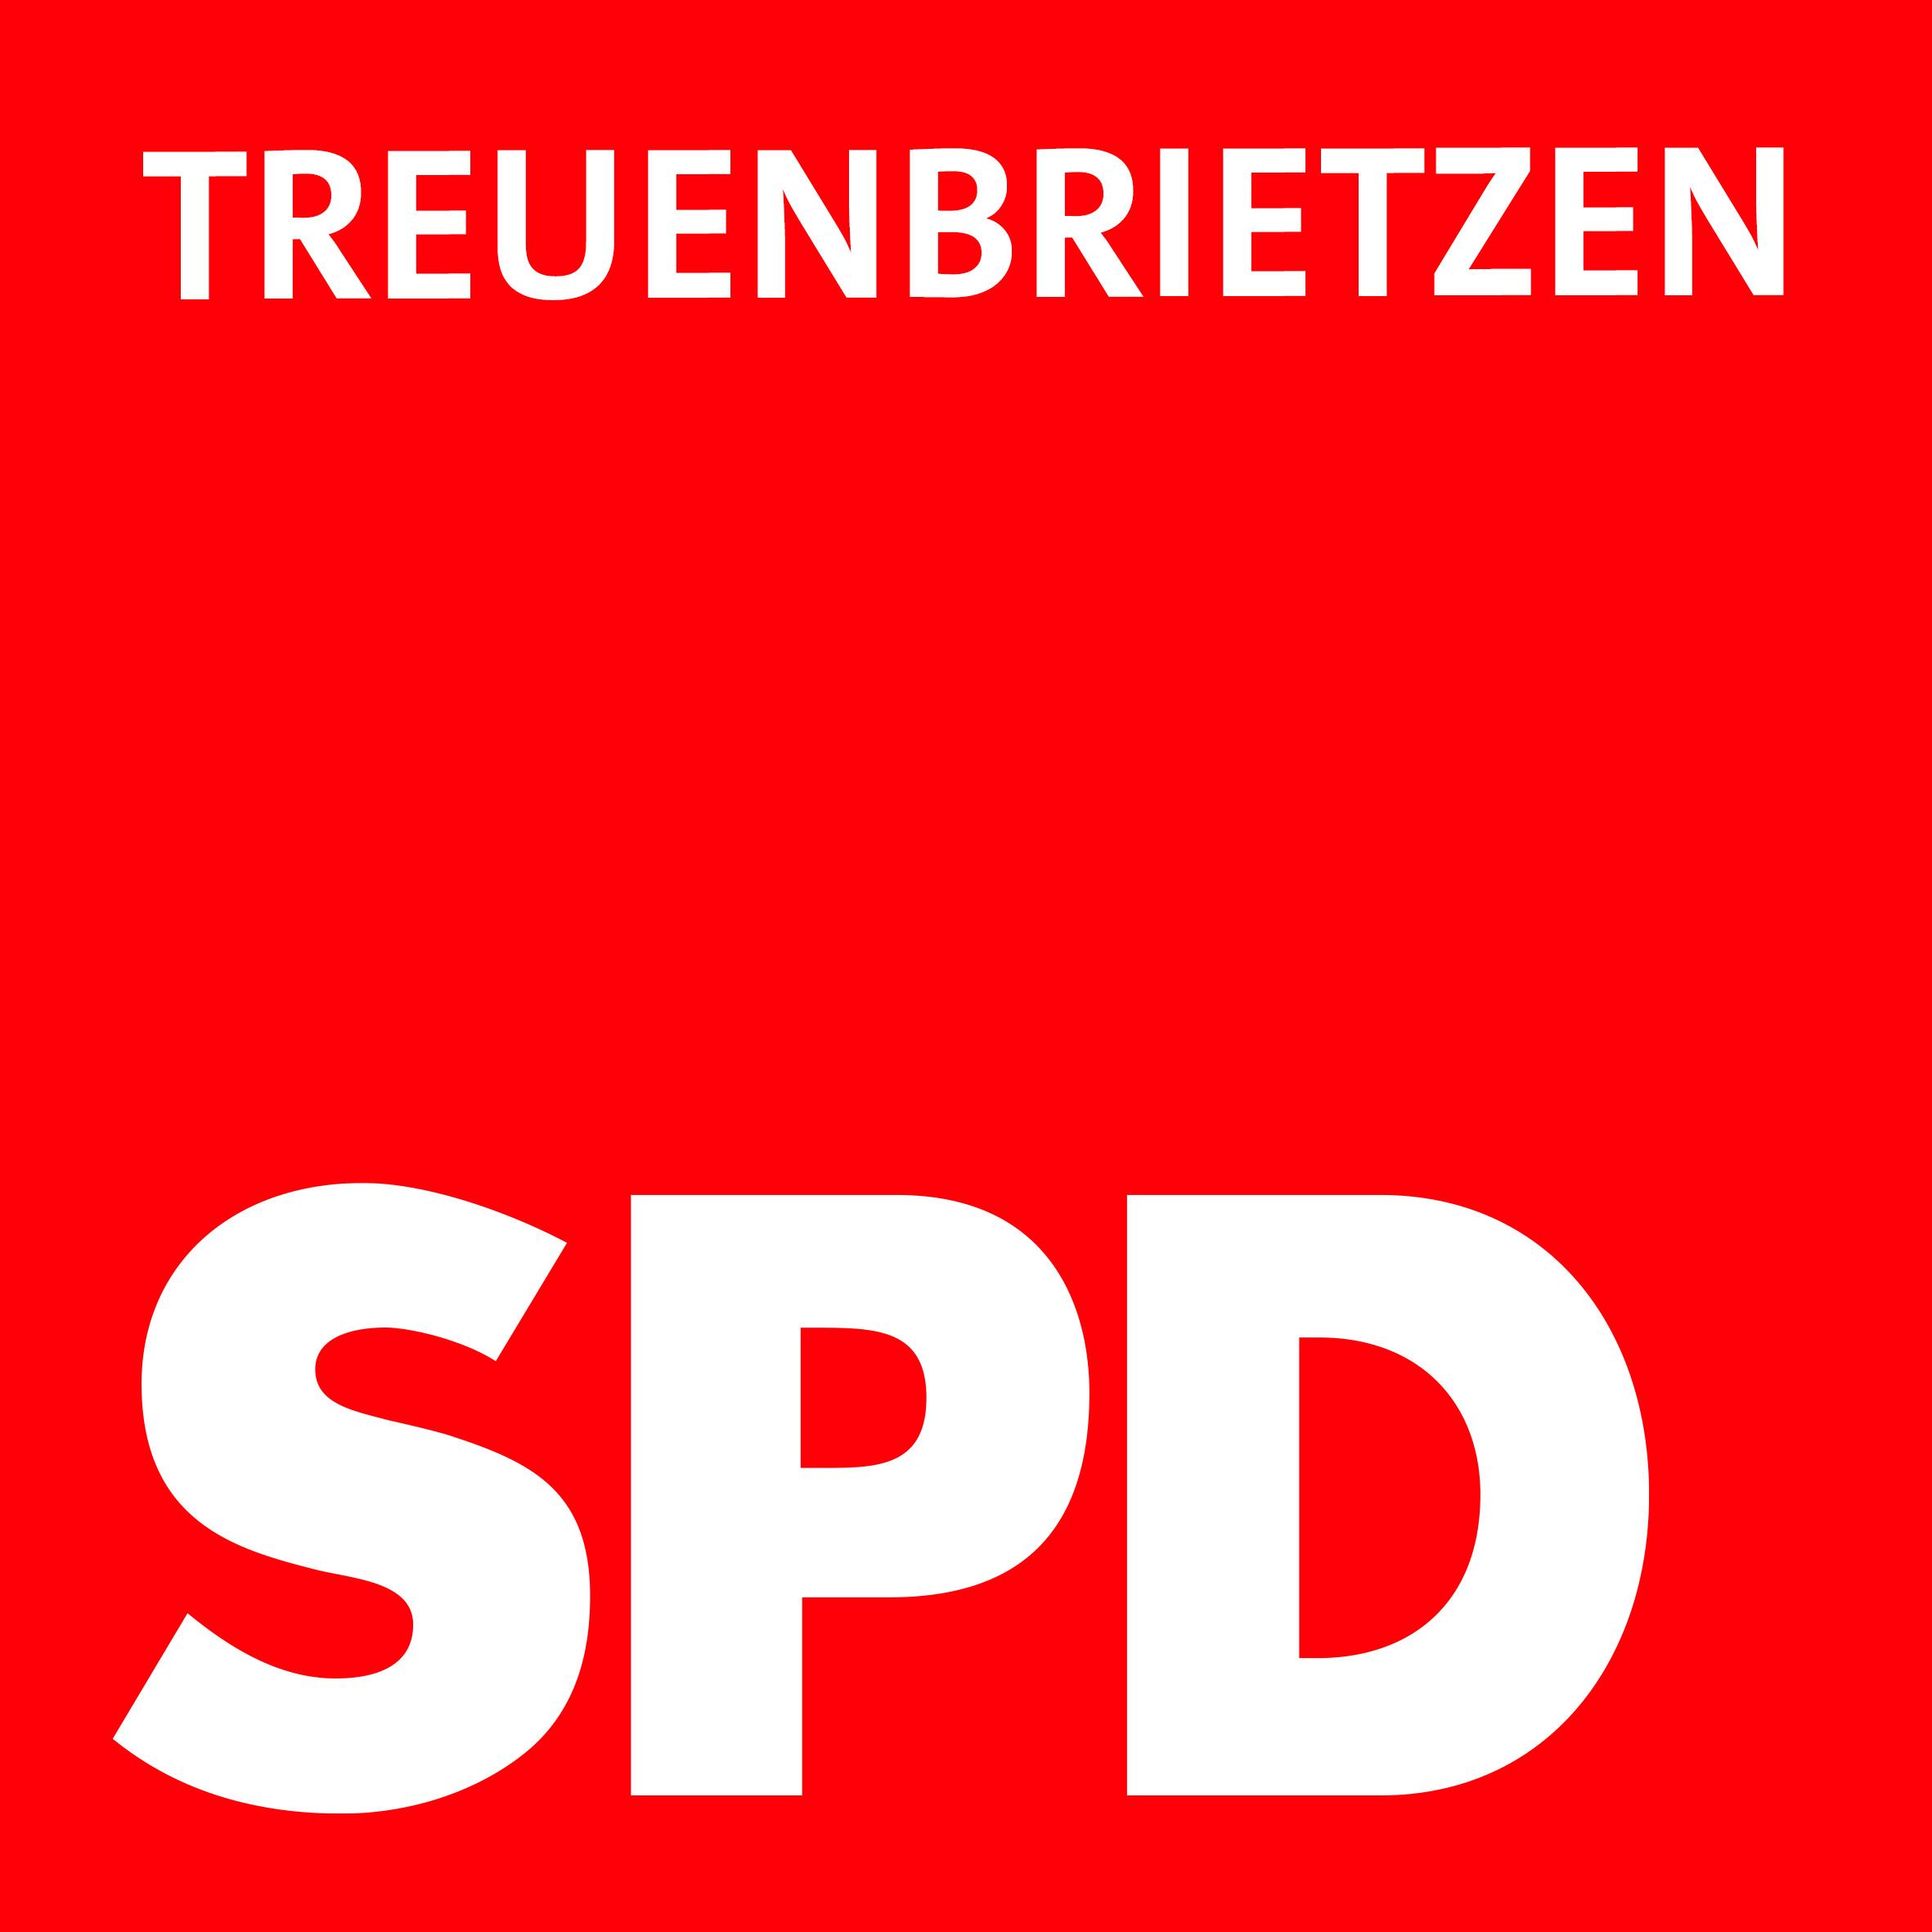 SPD Treuenbrietzen